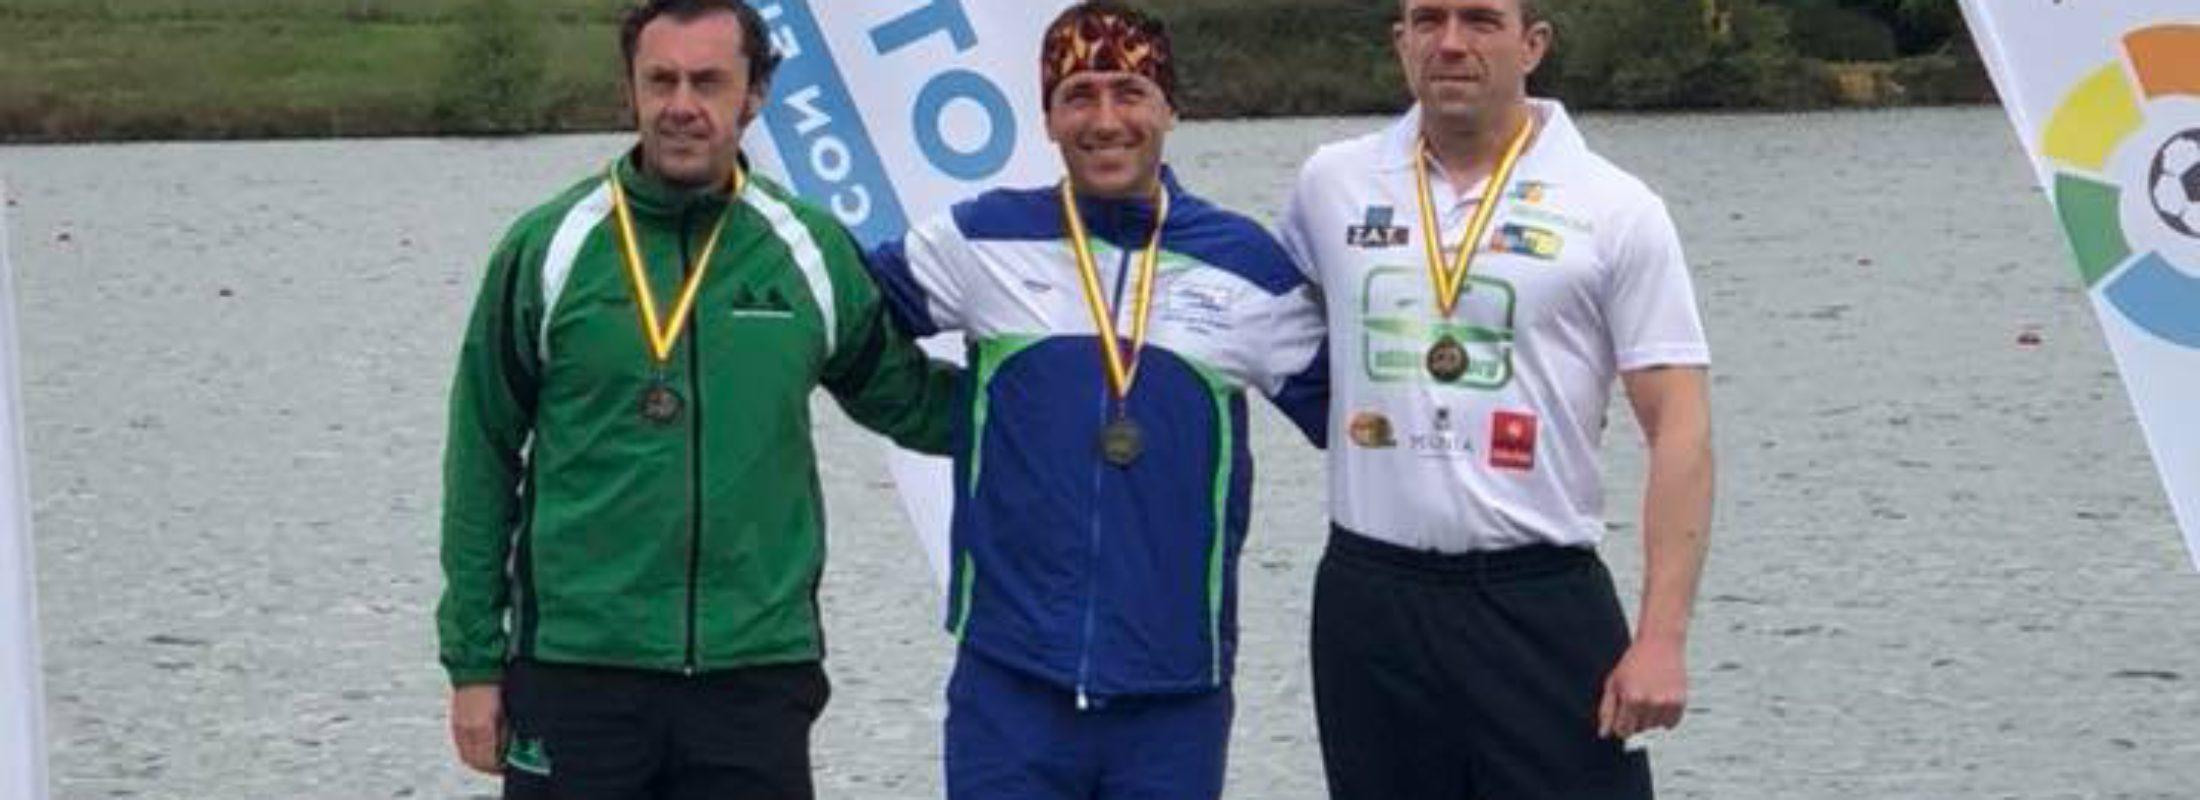 Julián subcampeón de España